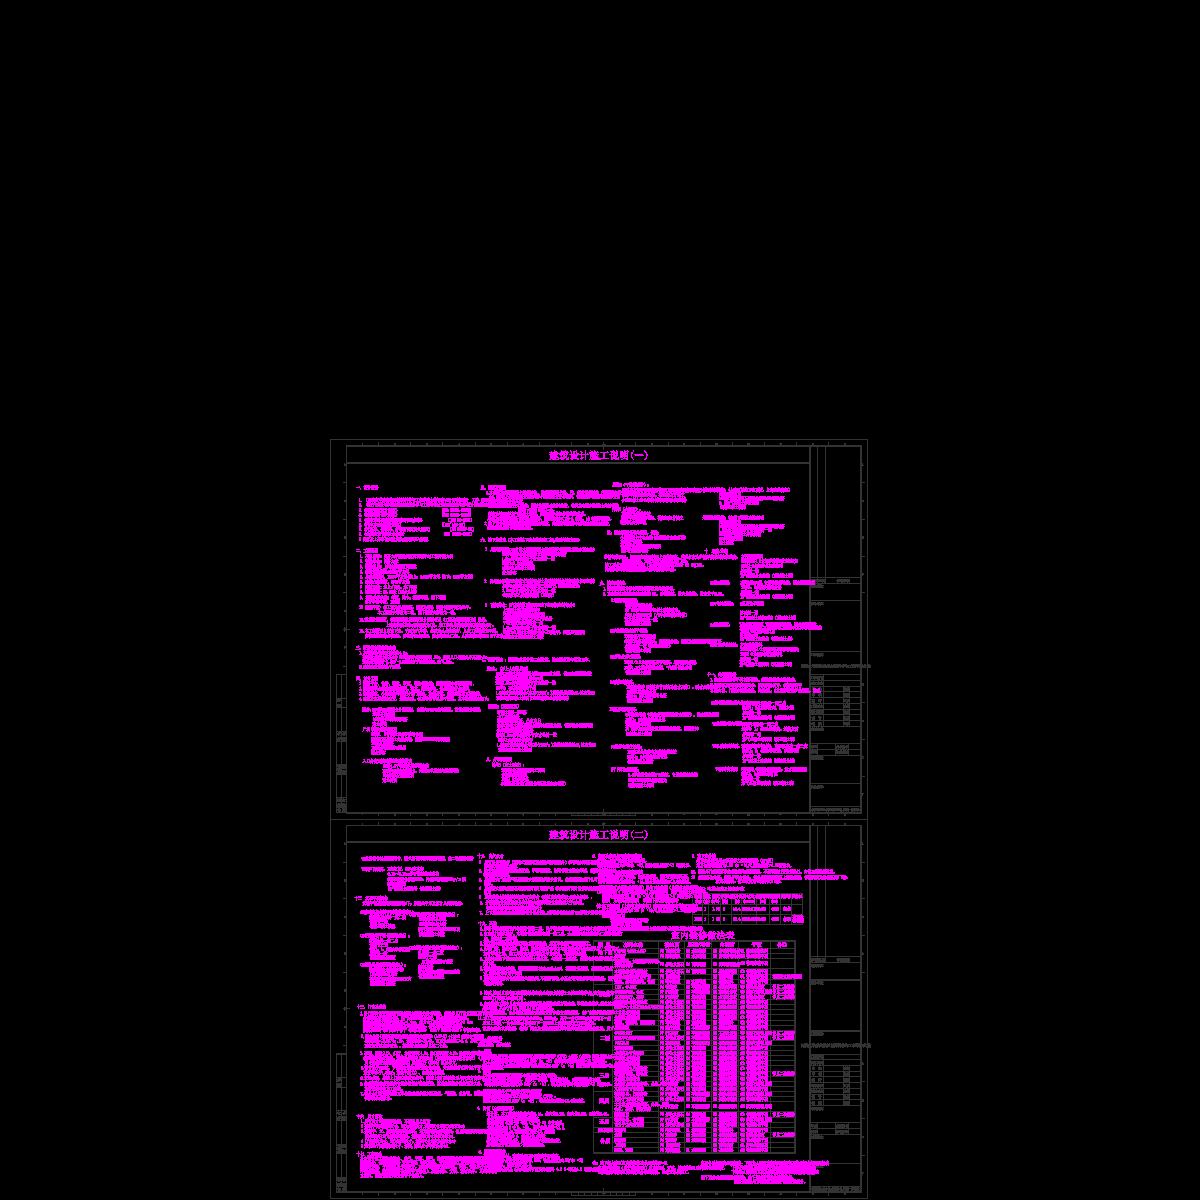 clxy01施工说明_t3.dwg